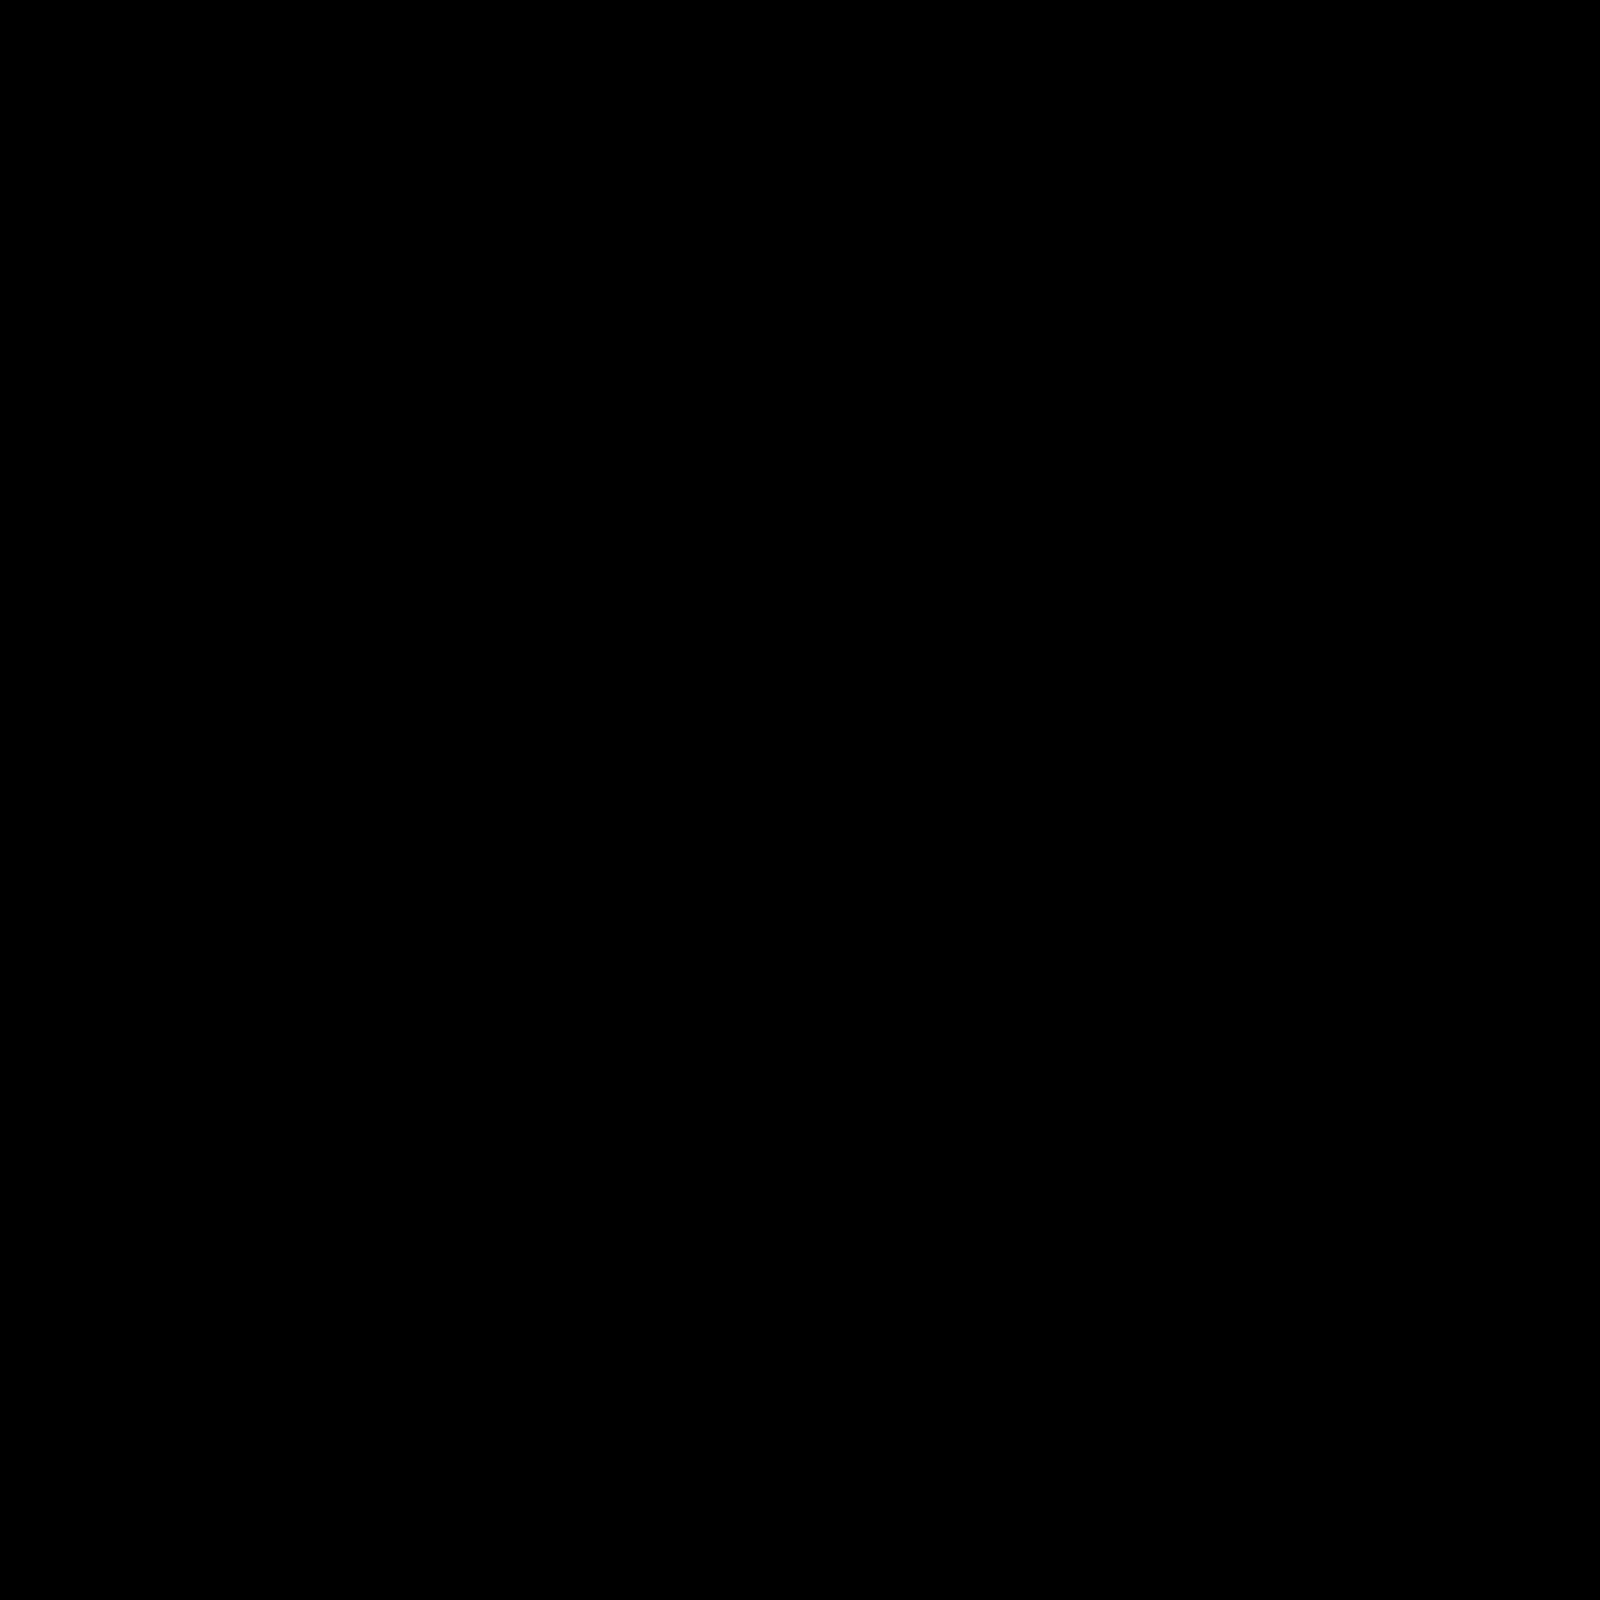 Zapora sieciowa icon